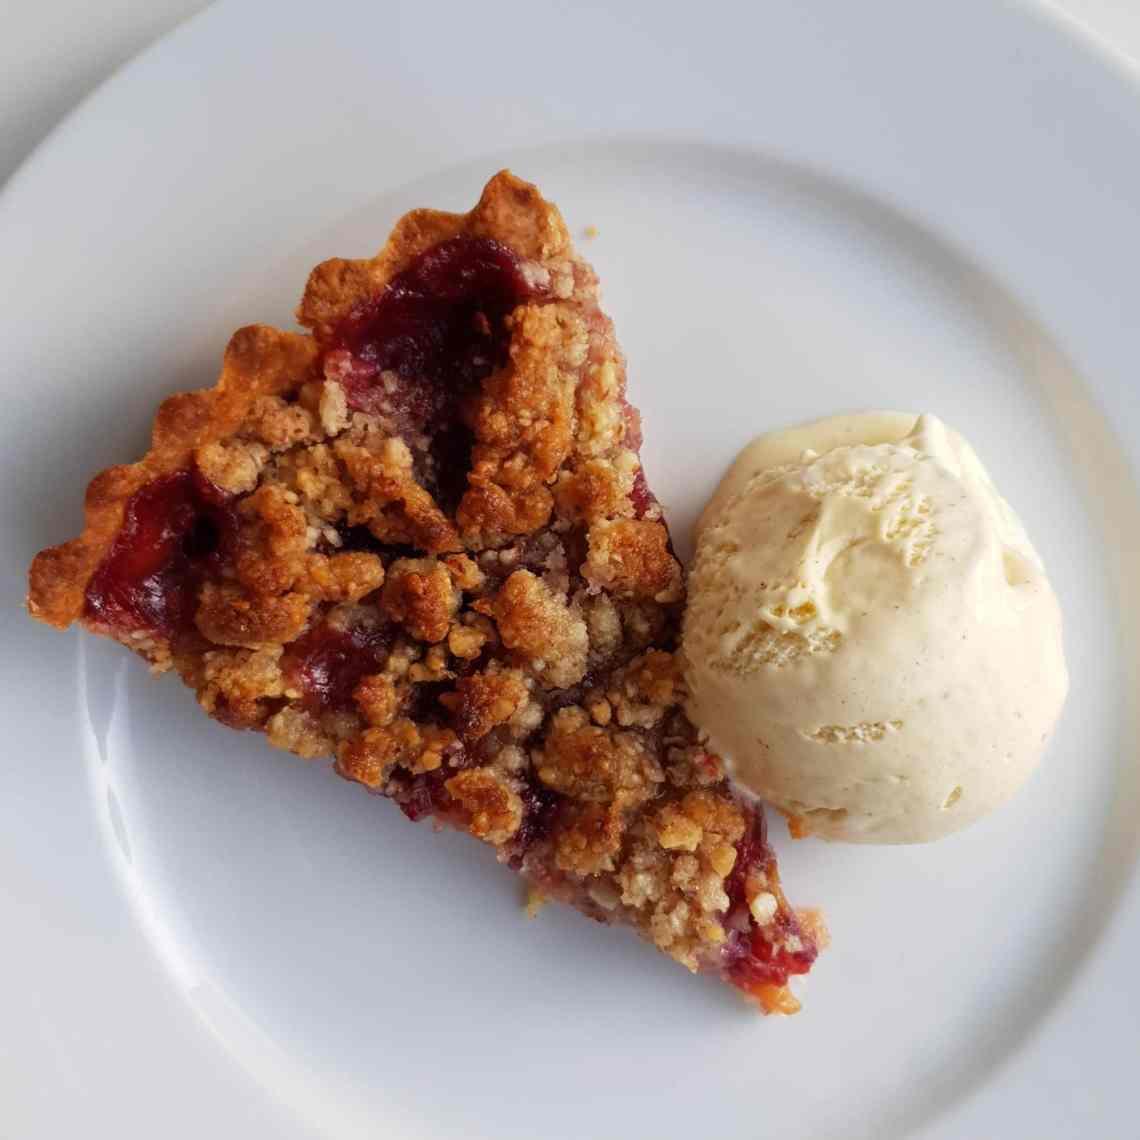 En dansk sensommerdessert - blommetærte med vaniljeis. Find opskrifter, gratis download, print og inspiration til årets gang på danishthings.com